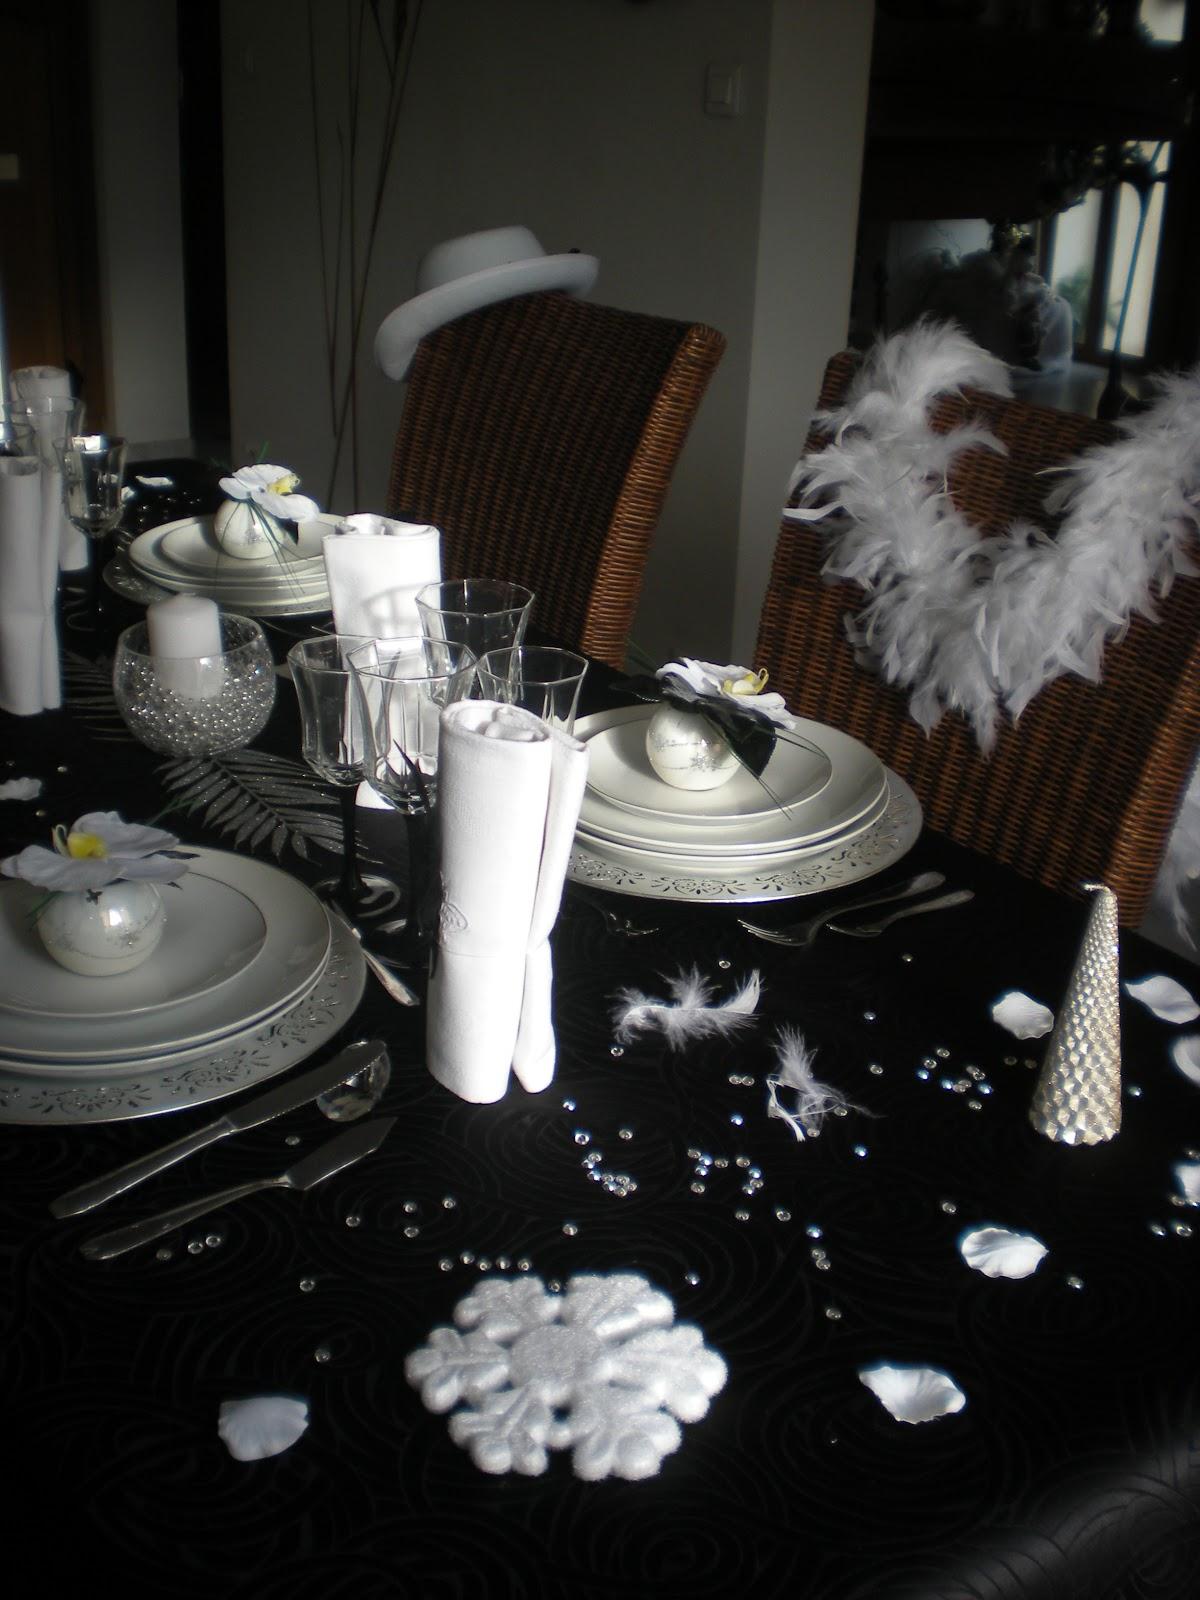 deco salon noir blanc argente pr l vement d 39 chantillons et une bonne id e de. Black Bedroom Furniture Sets. Home Design Ideas